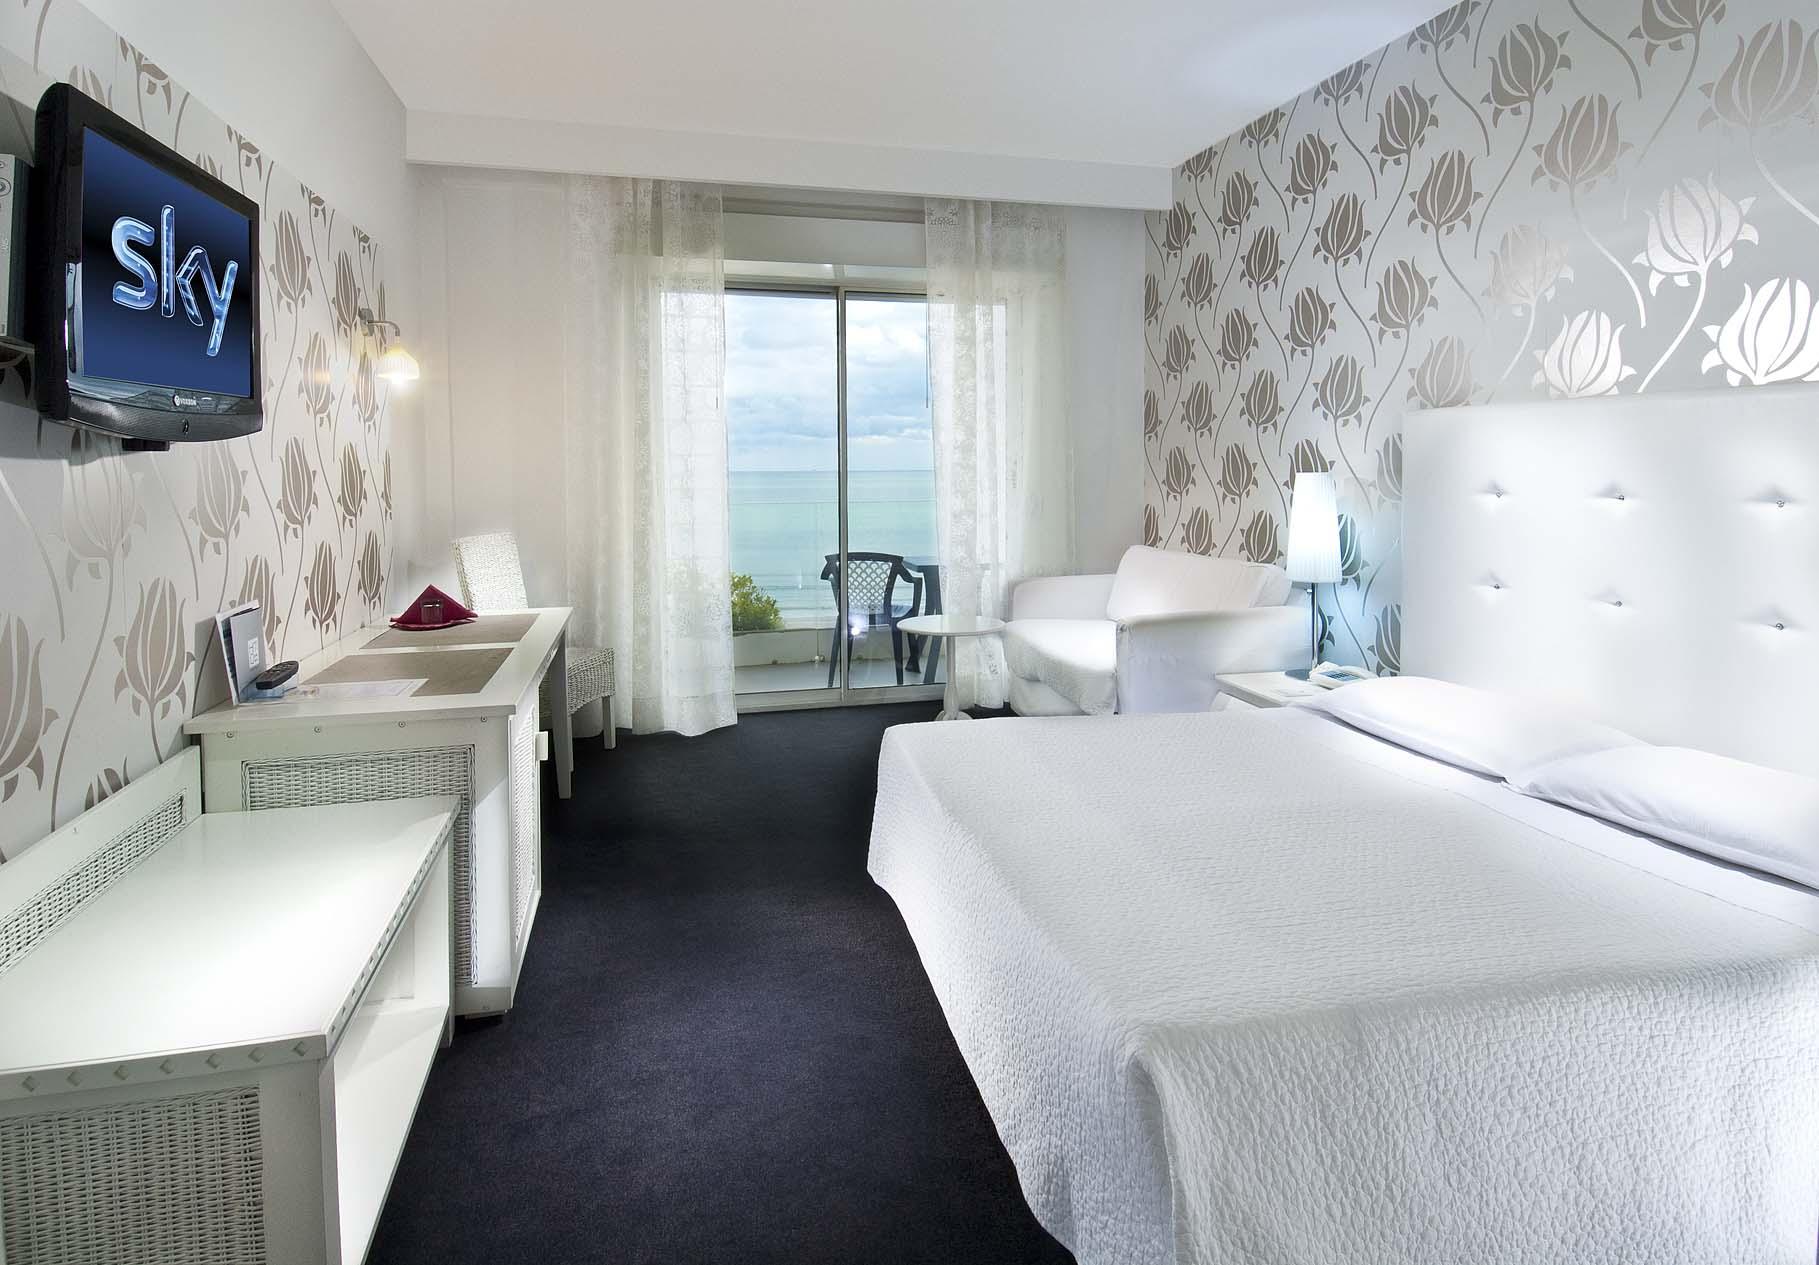 Hotel riccione 4 stelle con camere vista sul mare hotel mediterraneo riccione - Bagno 70 riccione ...